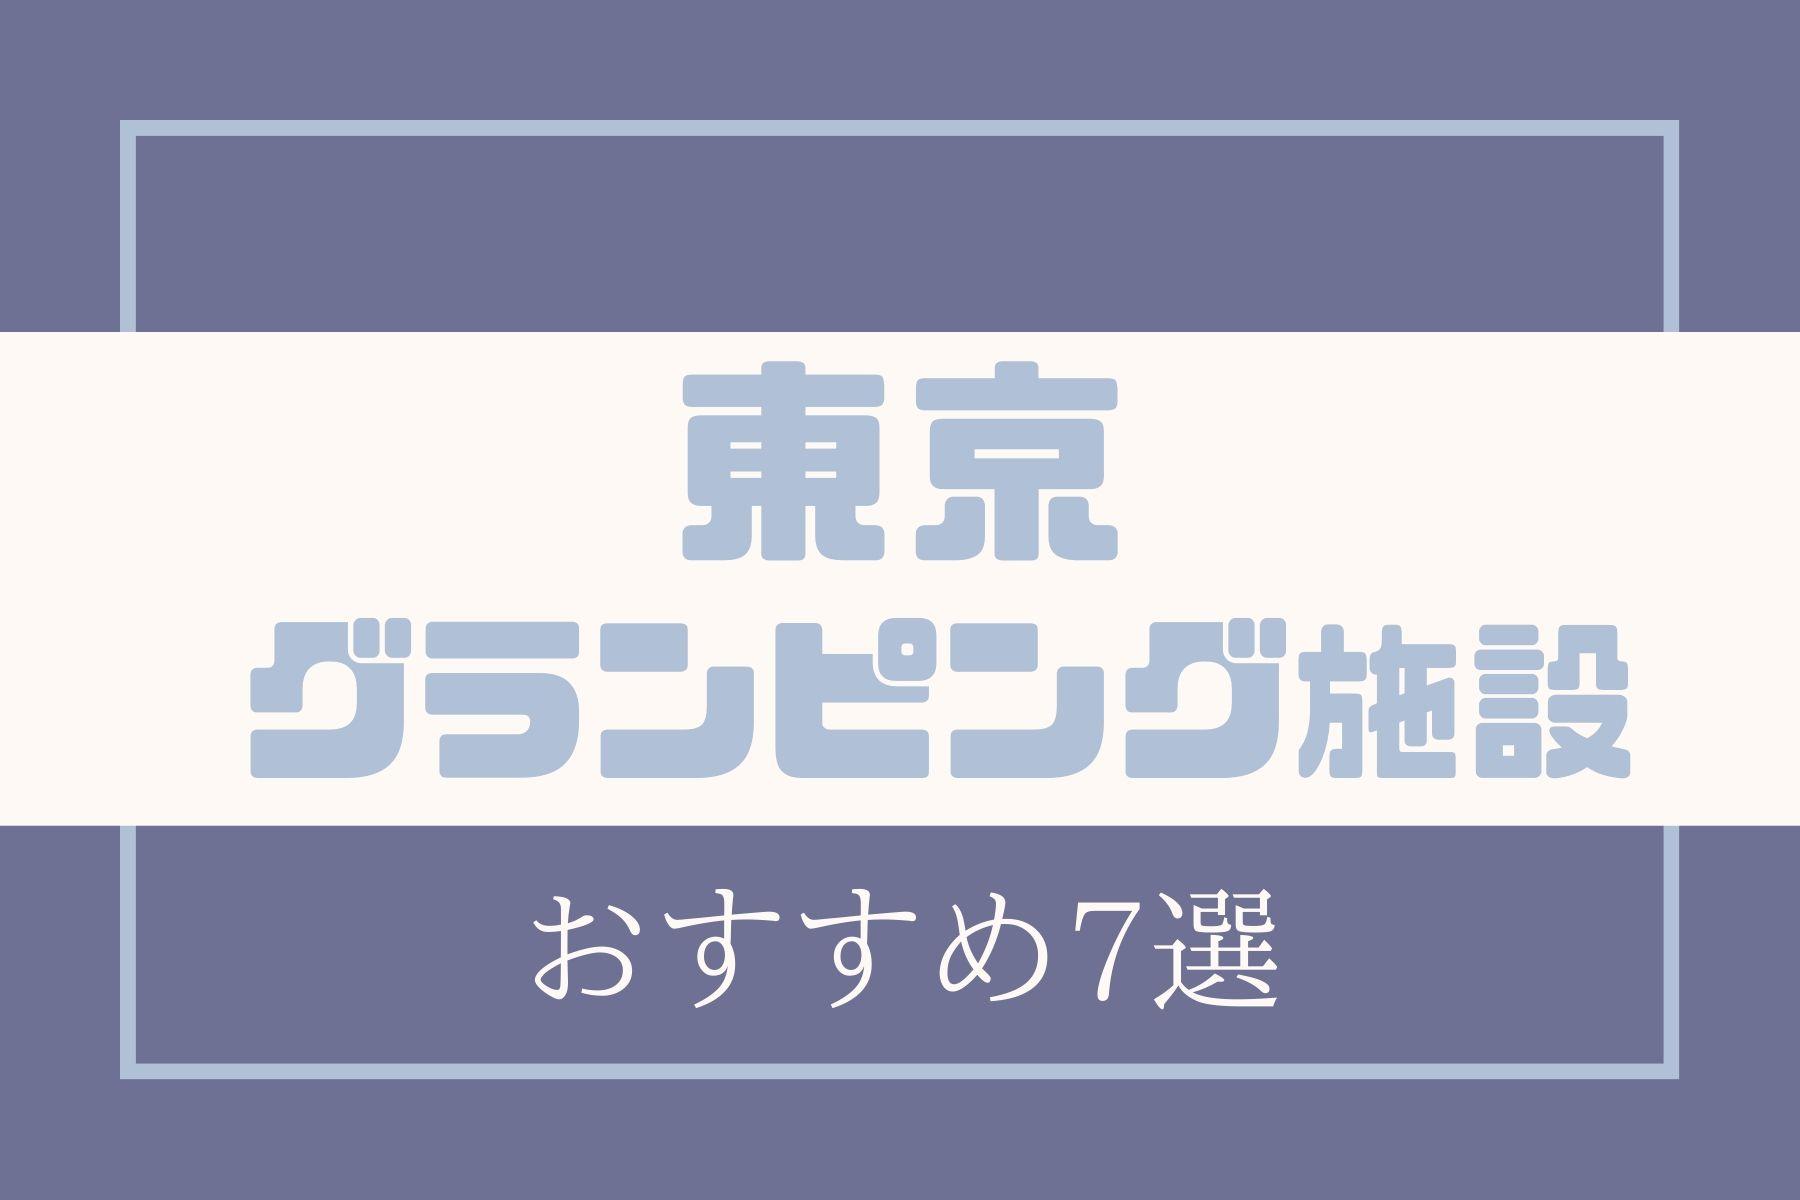 東京都内でグランピングが楽しめるおすすめスポット7選【初心者向け】